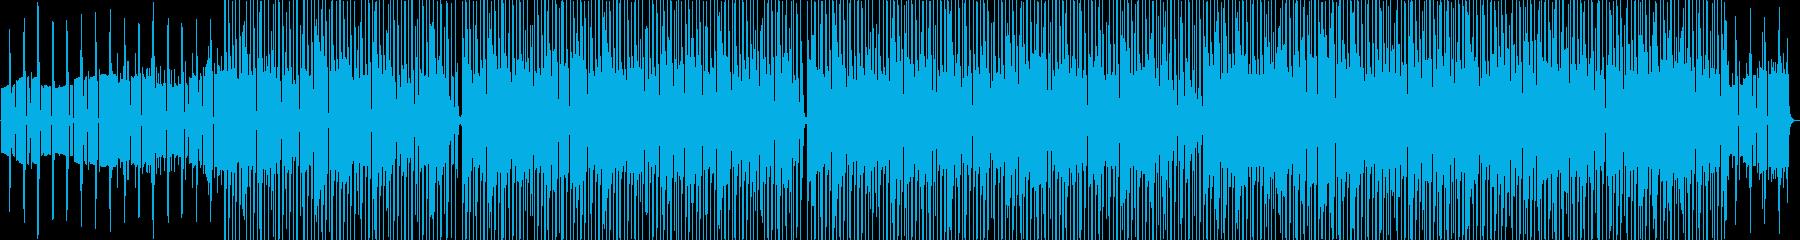 色々な打楽器にによるおしゃれなビートの再生済みの波形